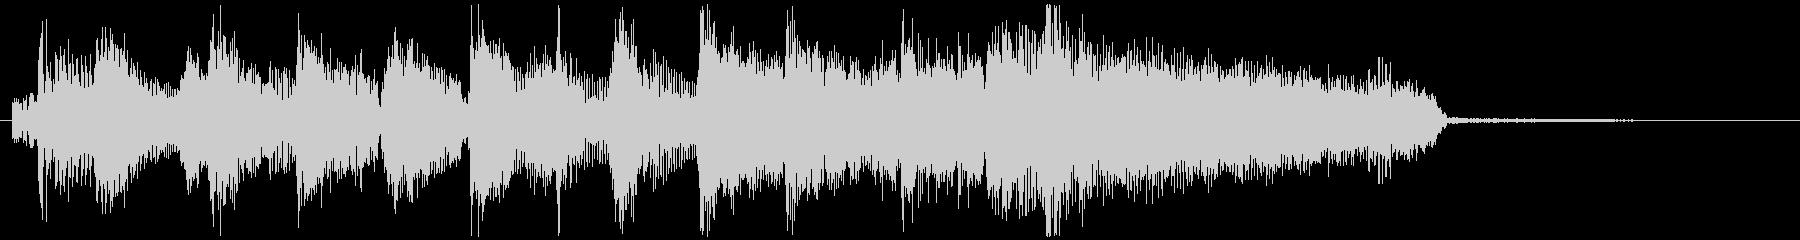 場面転換レトロなオルガンのジャズジングルの未再生の波形